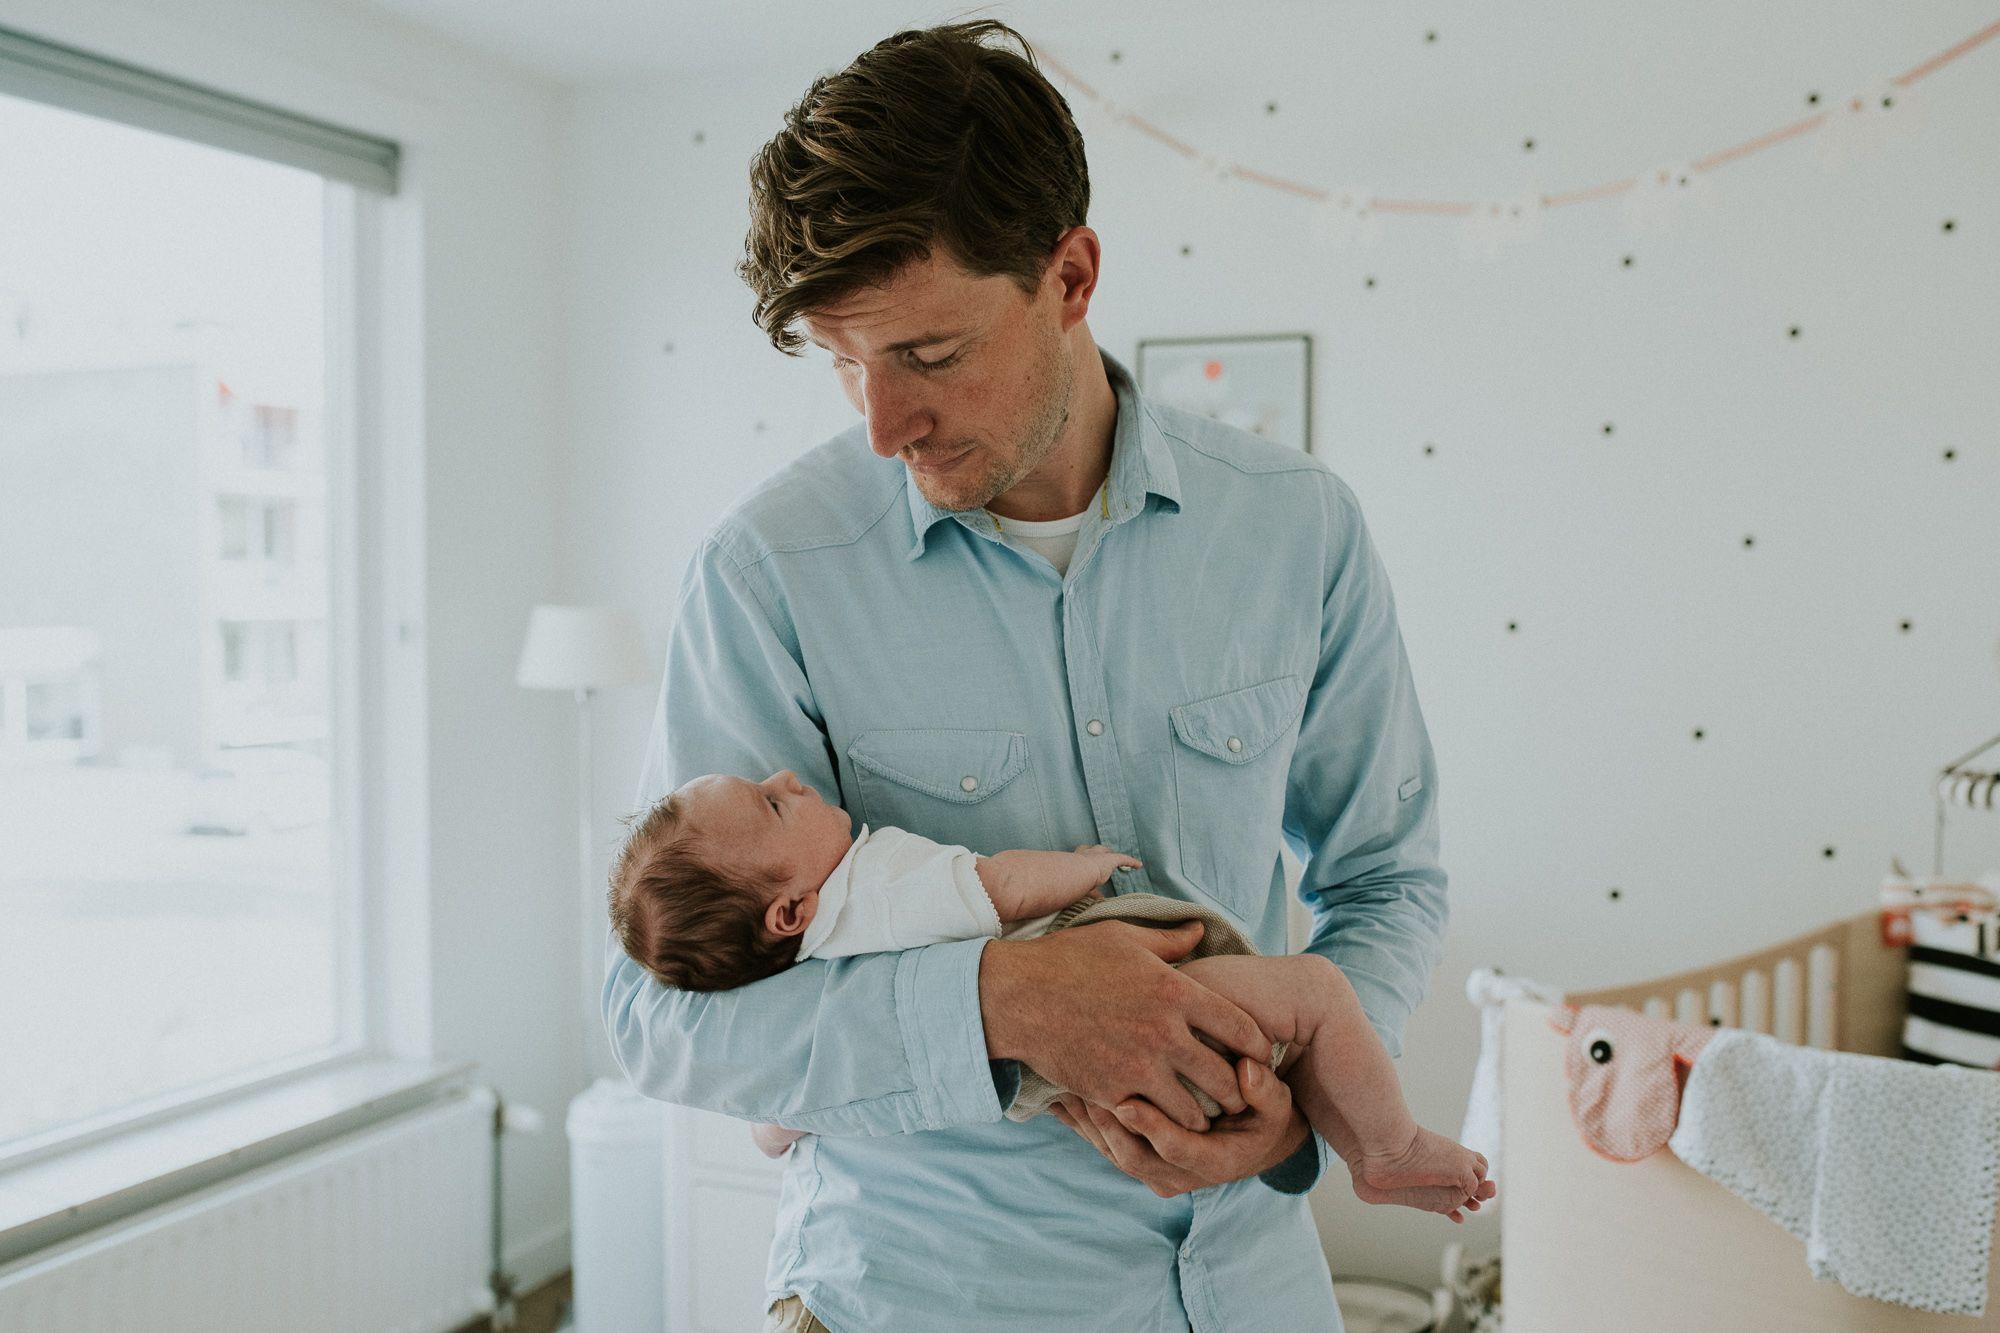 fotoshoot pasgeboren baby thuis Rotterdam